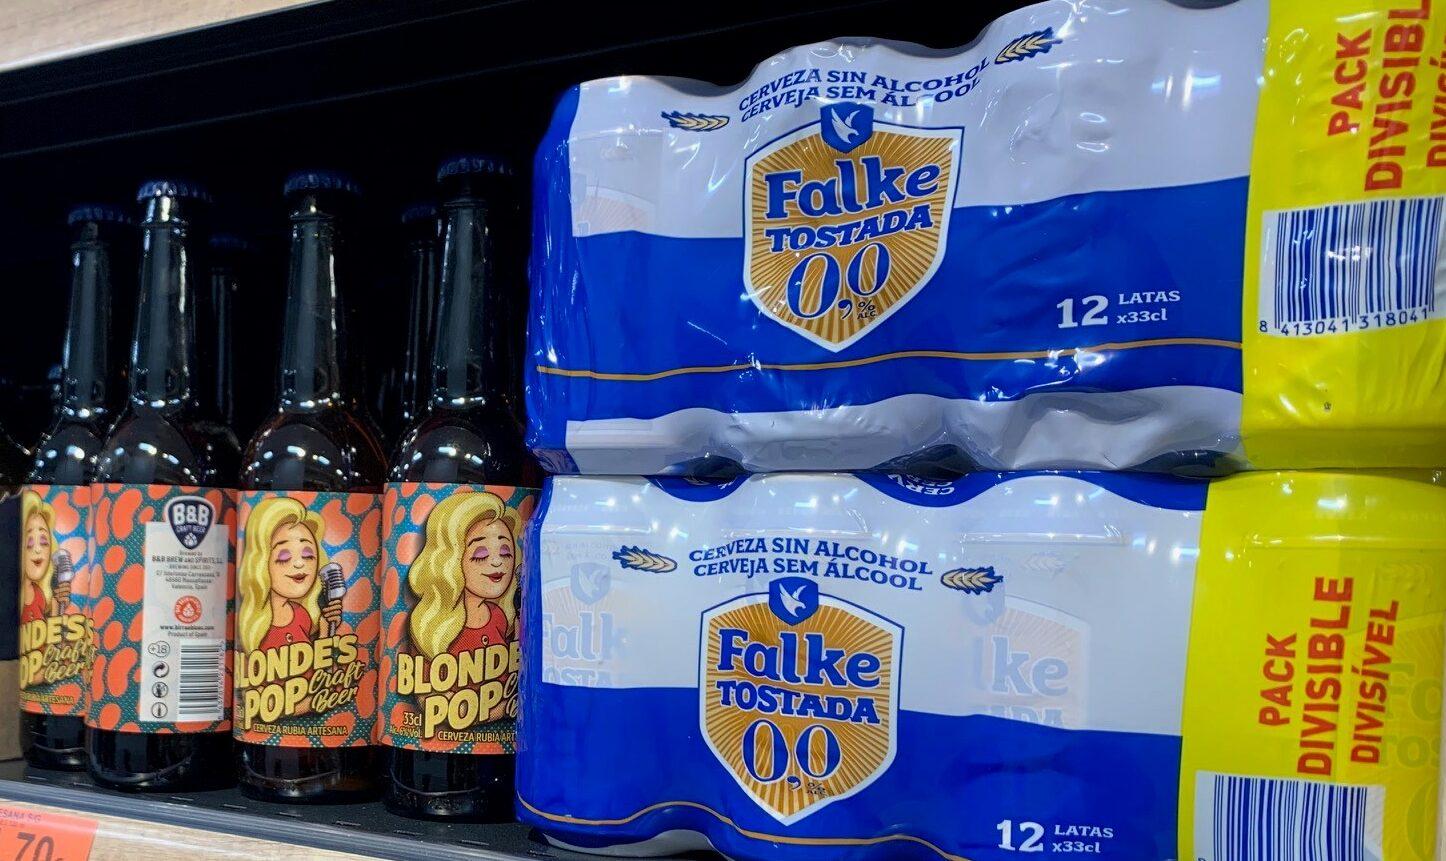 ova cervesa Falke Torrada 0,0 % al lineal de Mercadona